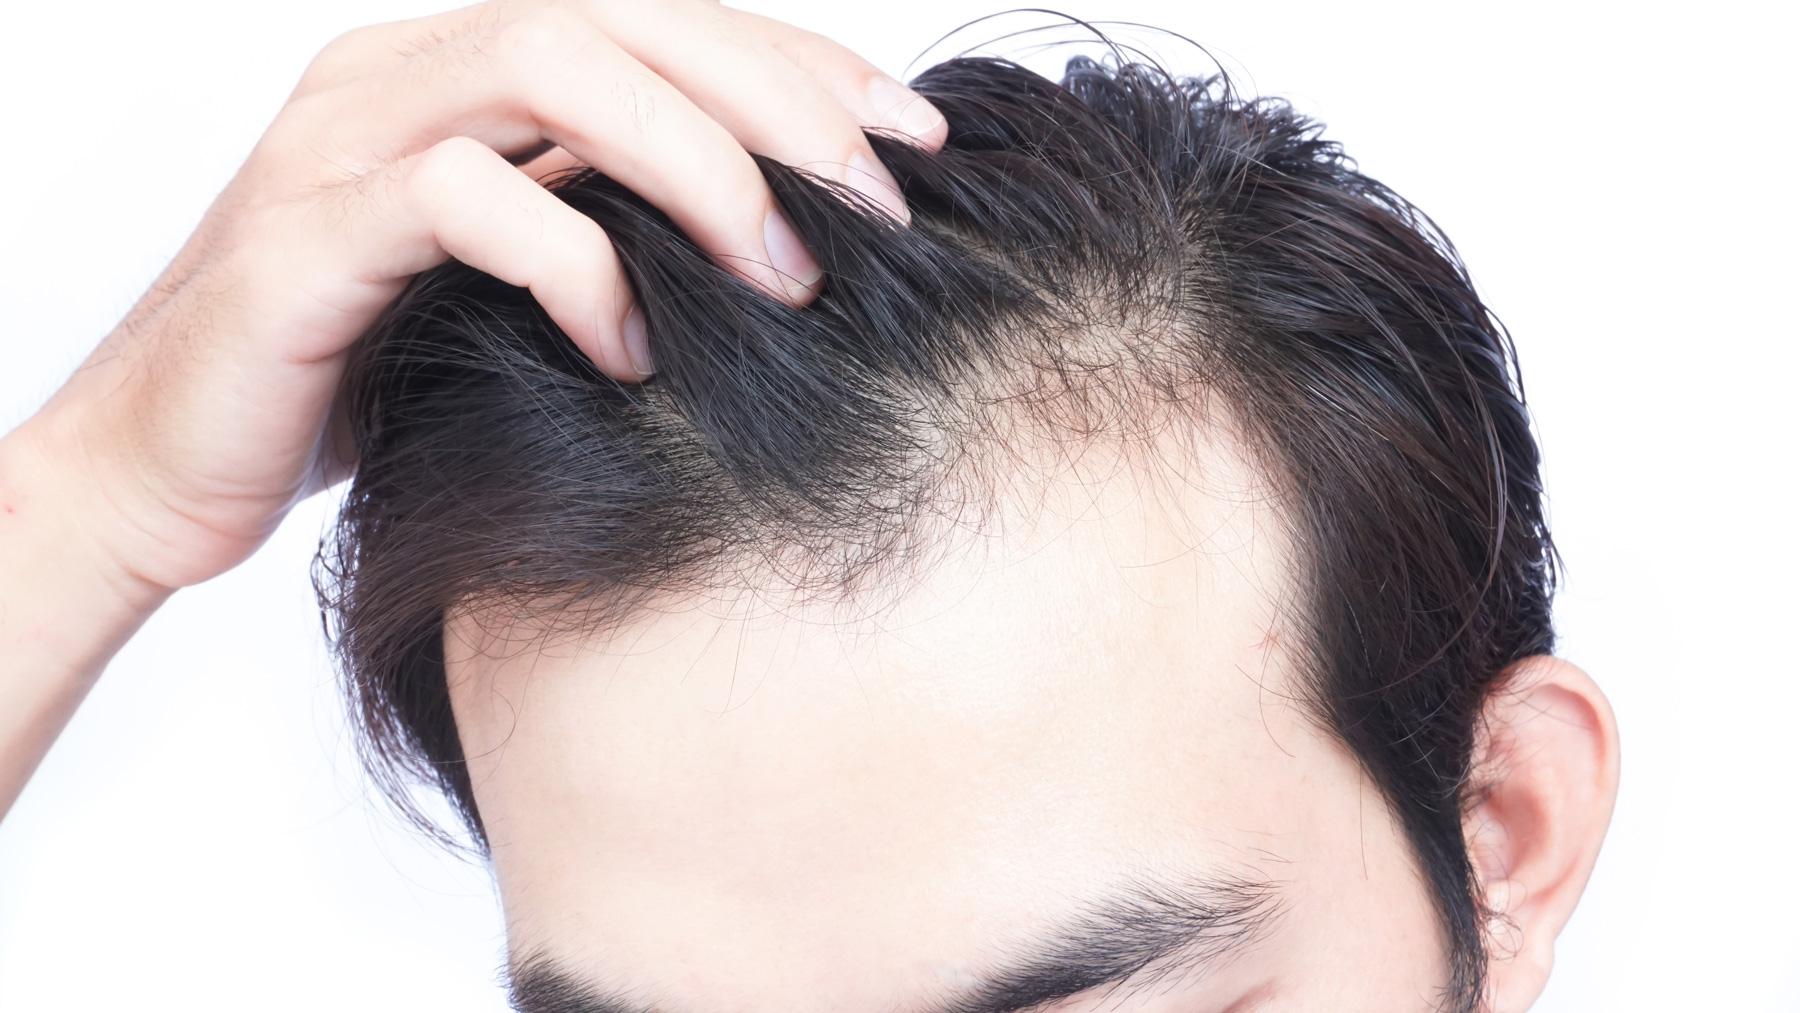 أسباب تساقط الشعر فجأة